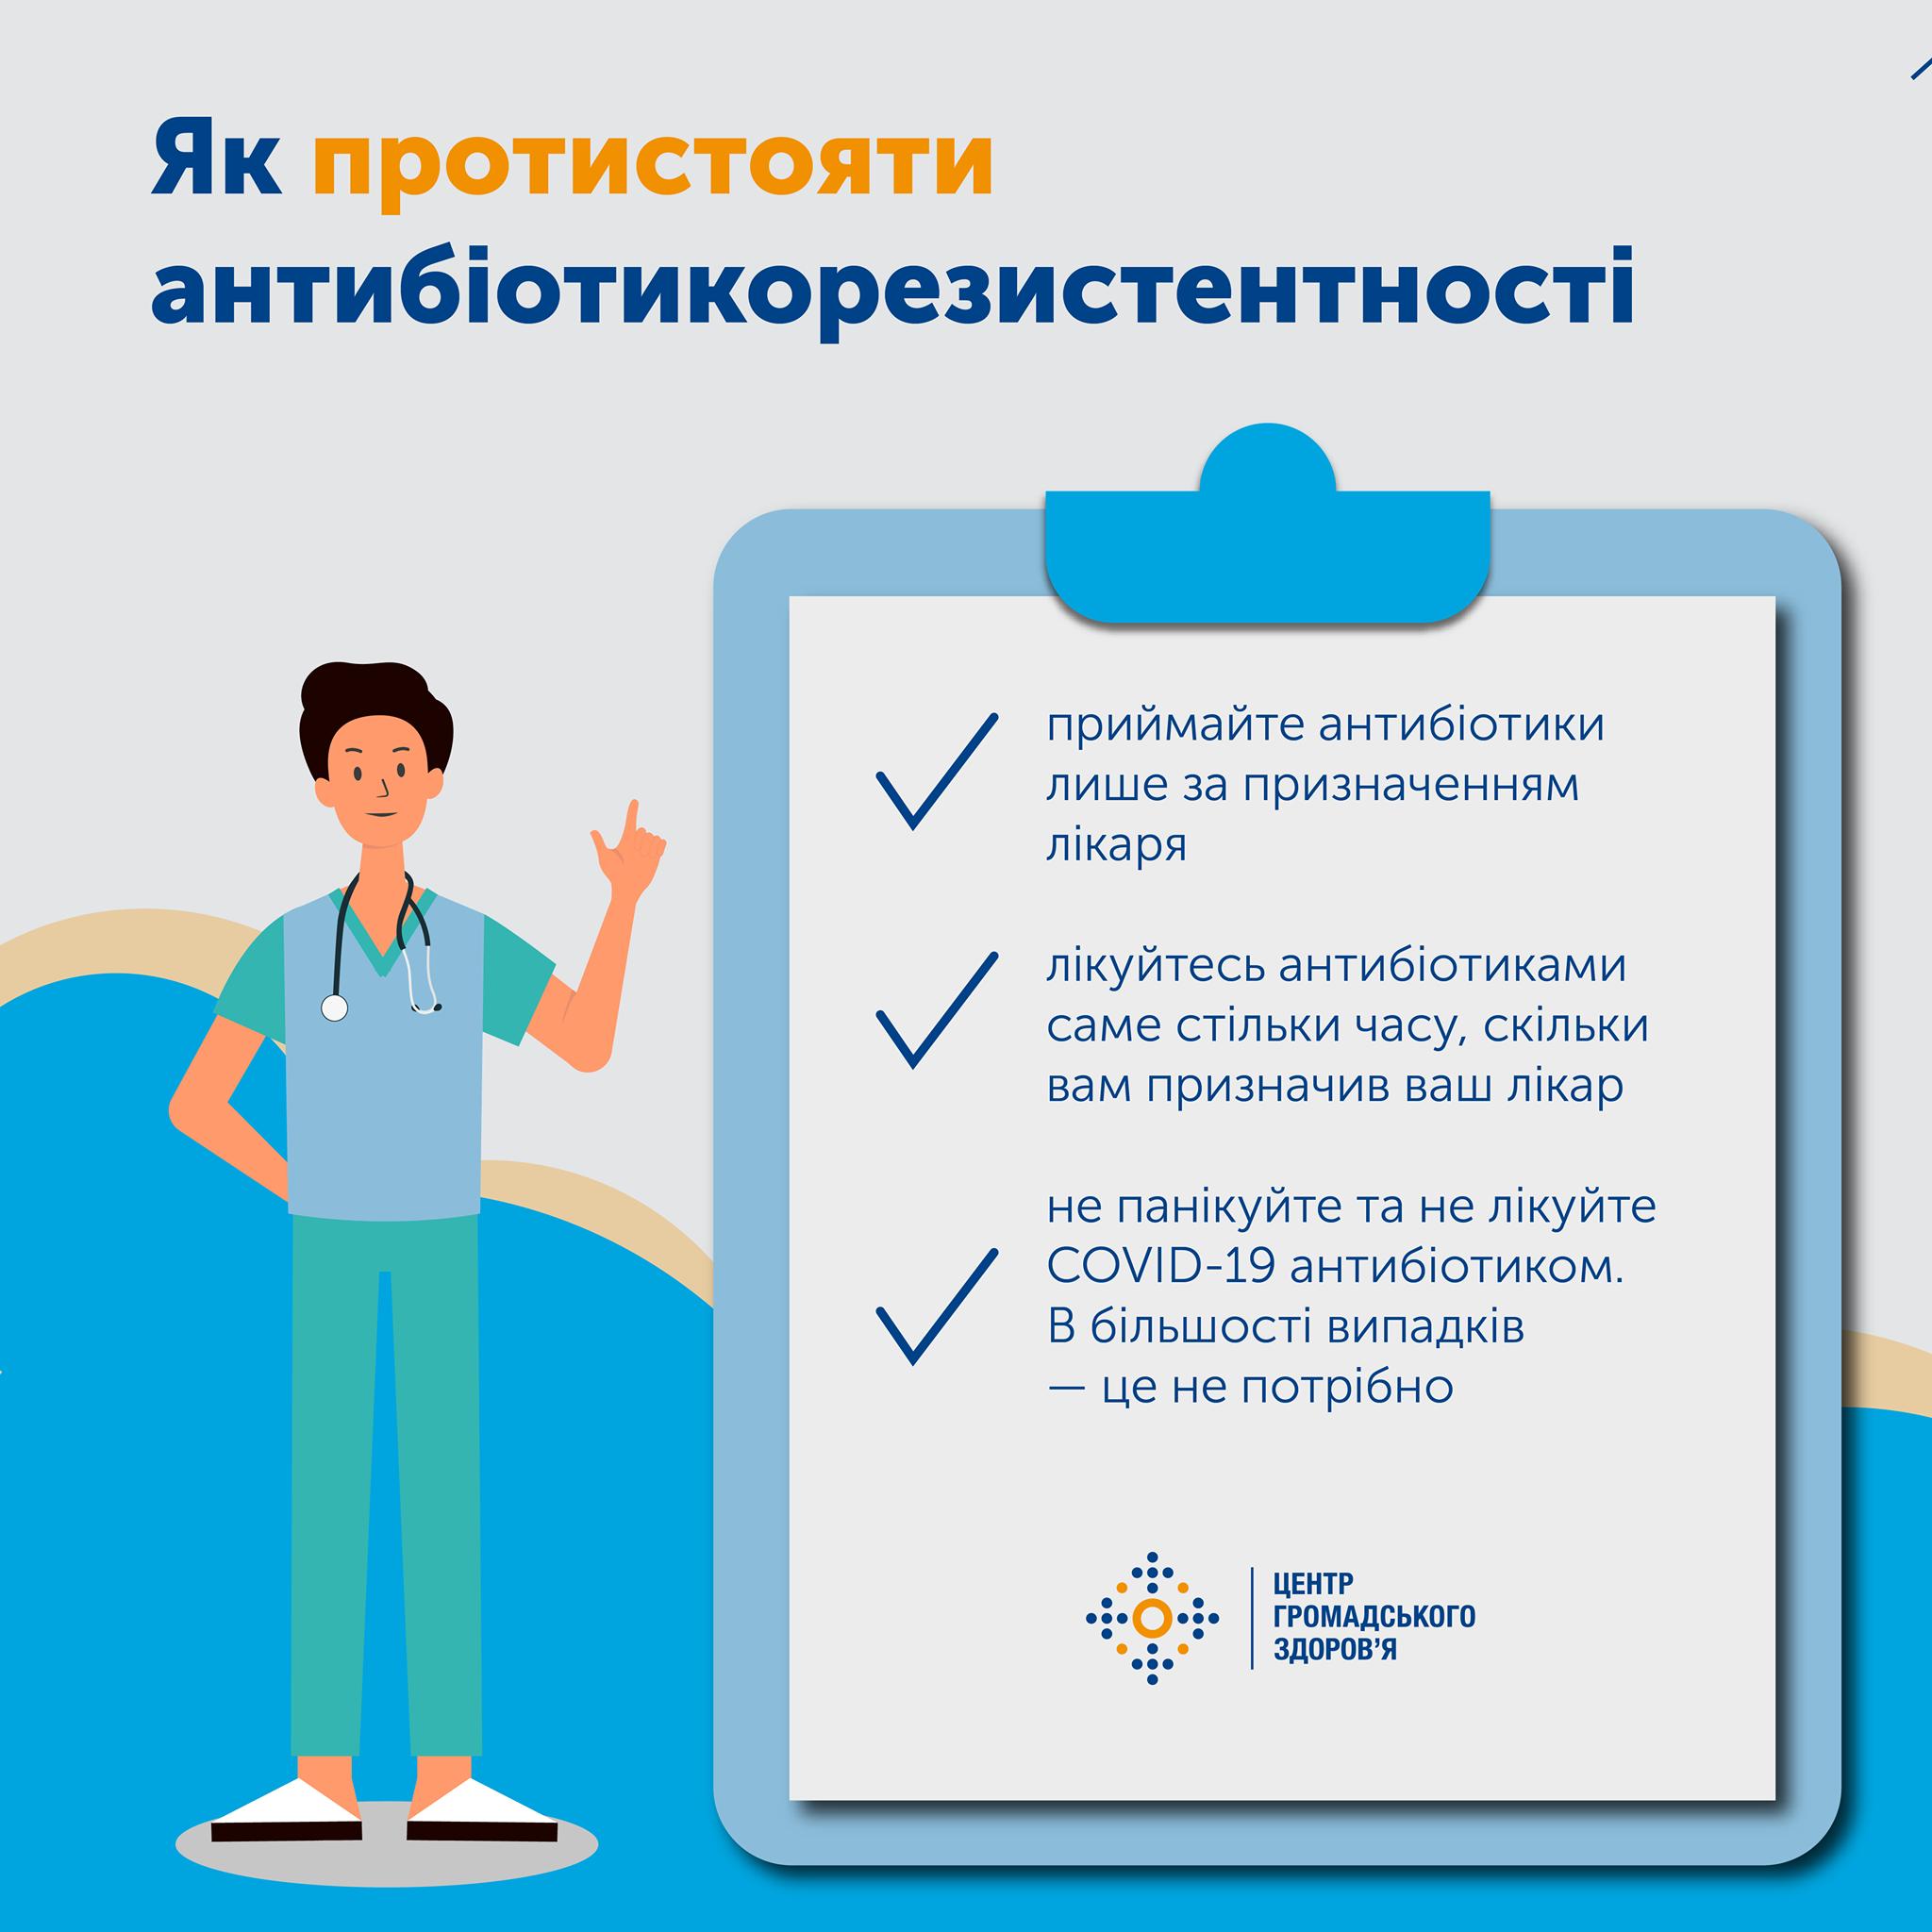 COVID-19 и антибиотики: украинцам сообщили об ужасных последствиях